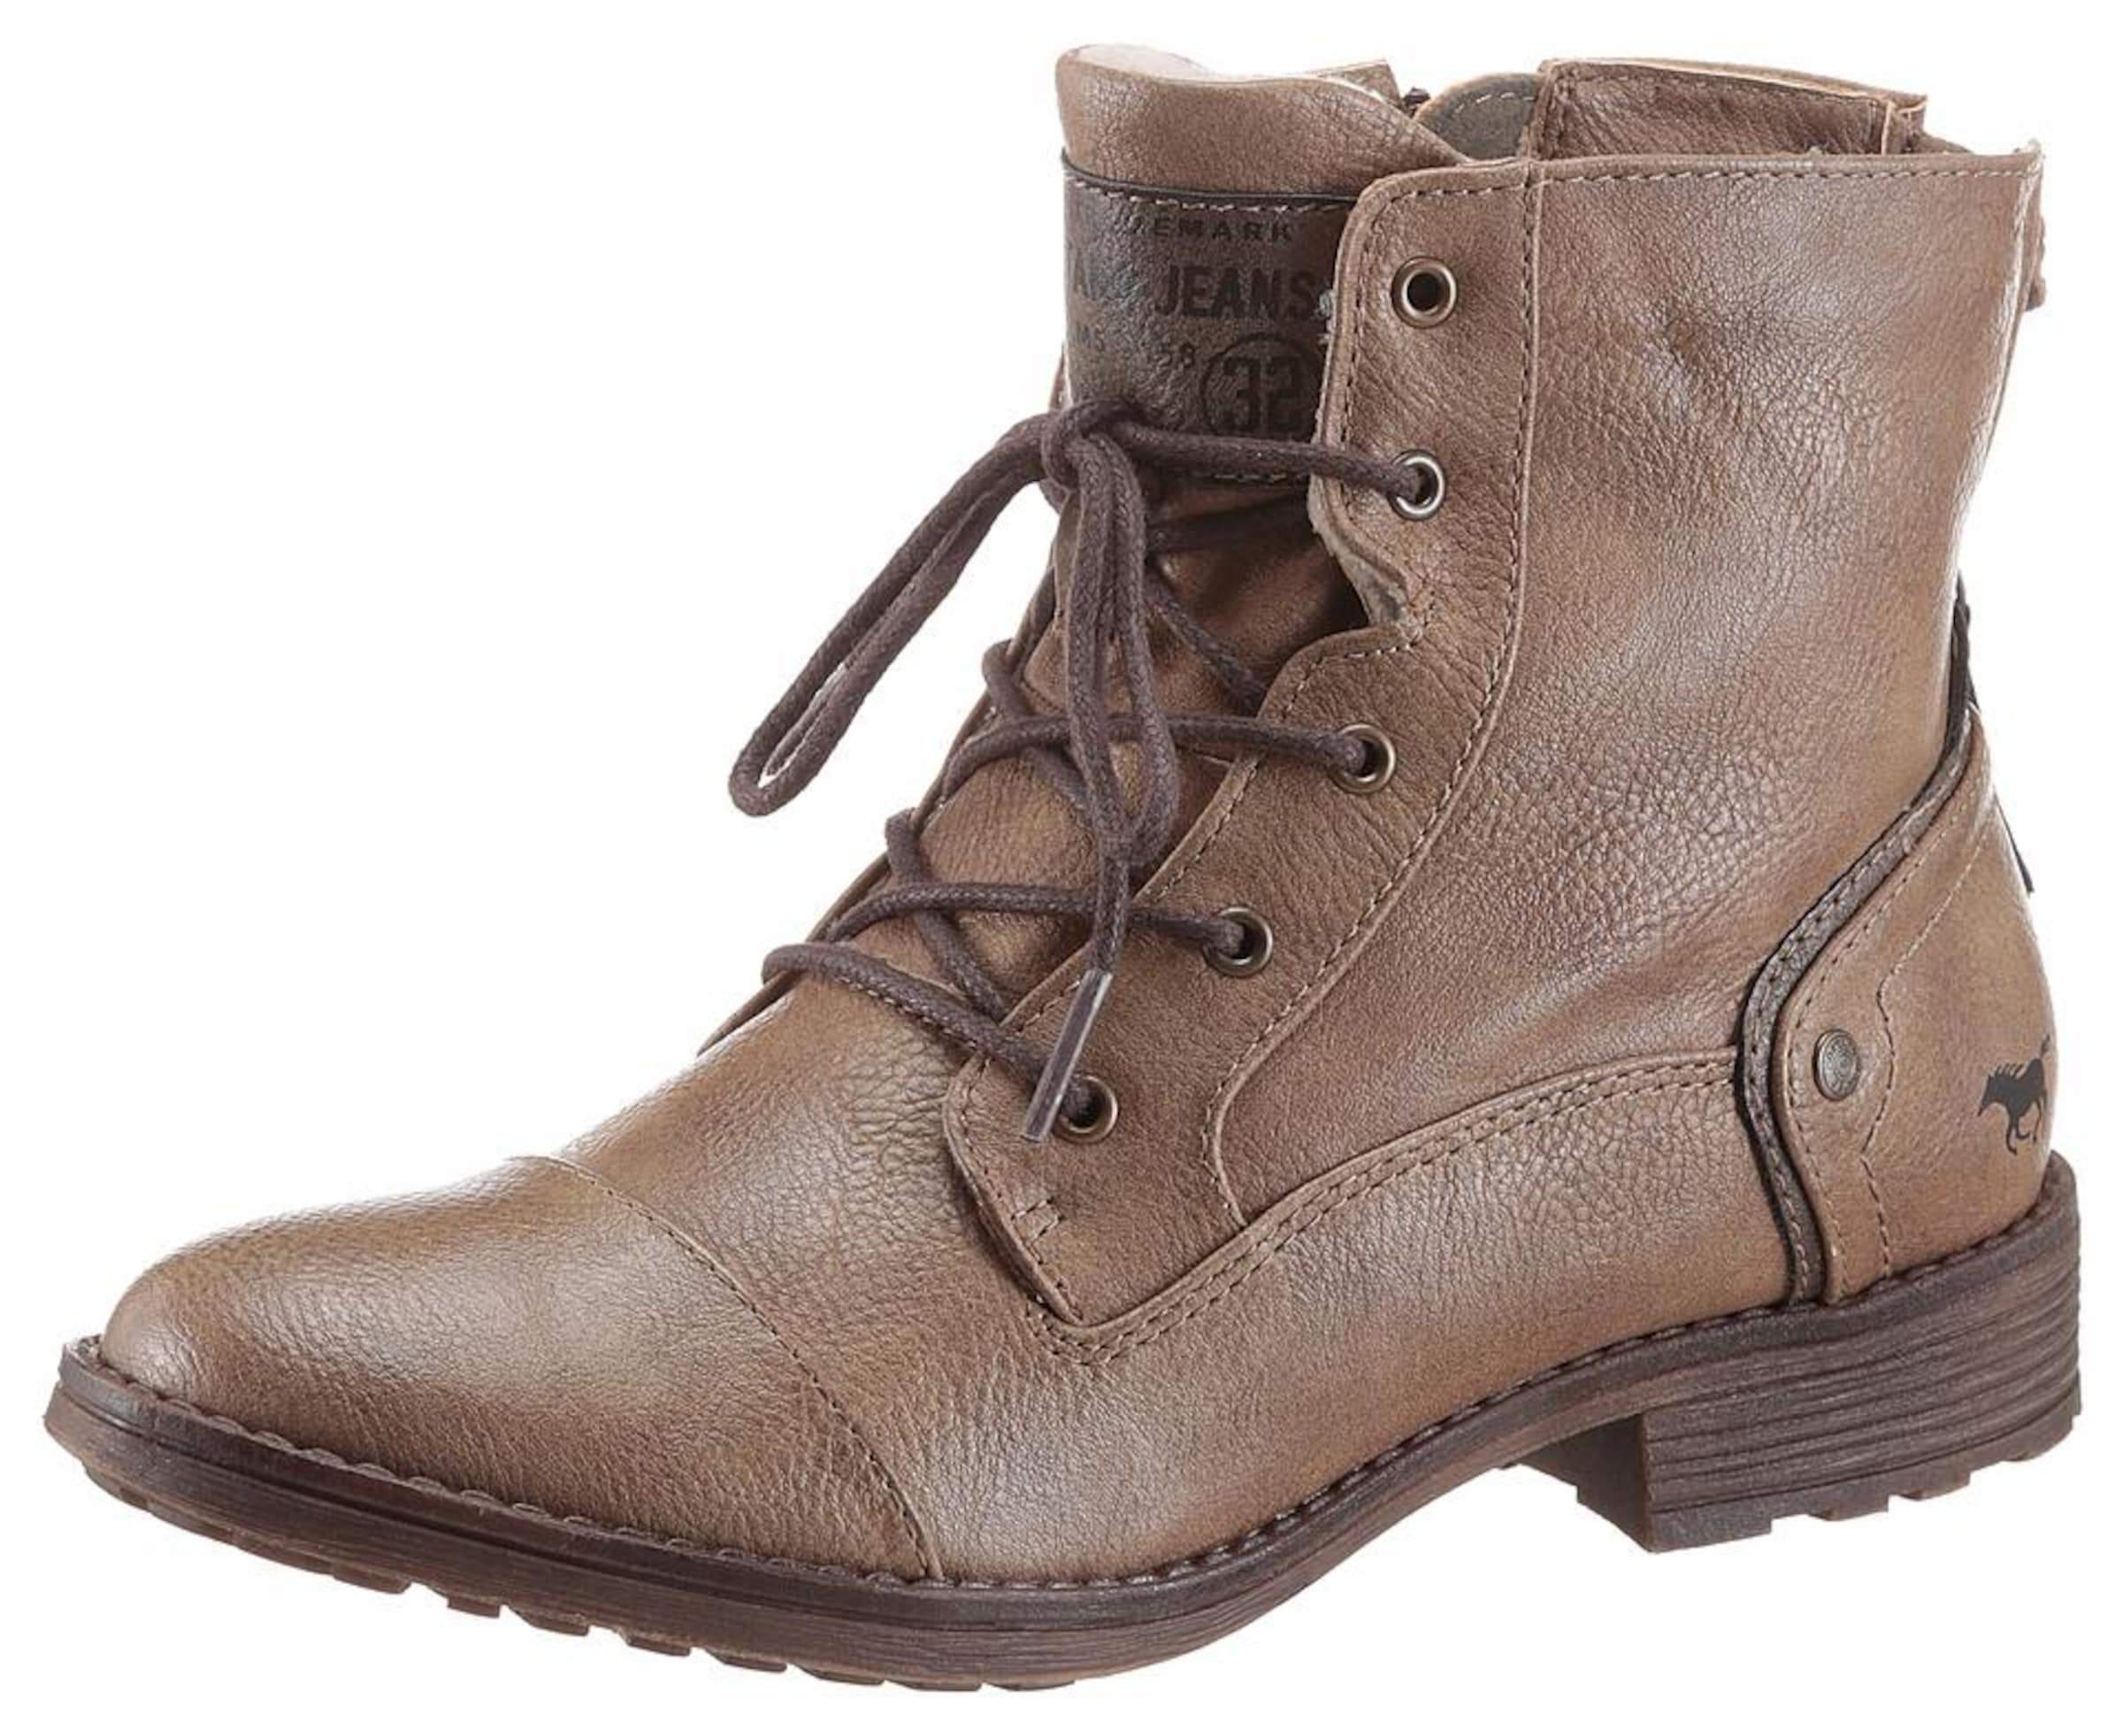 Mit Kreditkarte Günstig Online MUSTANG Shoes Schnürstiefelette Günstig Kaufen Bestseller huVKWgn